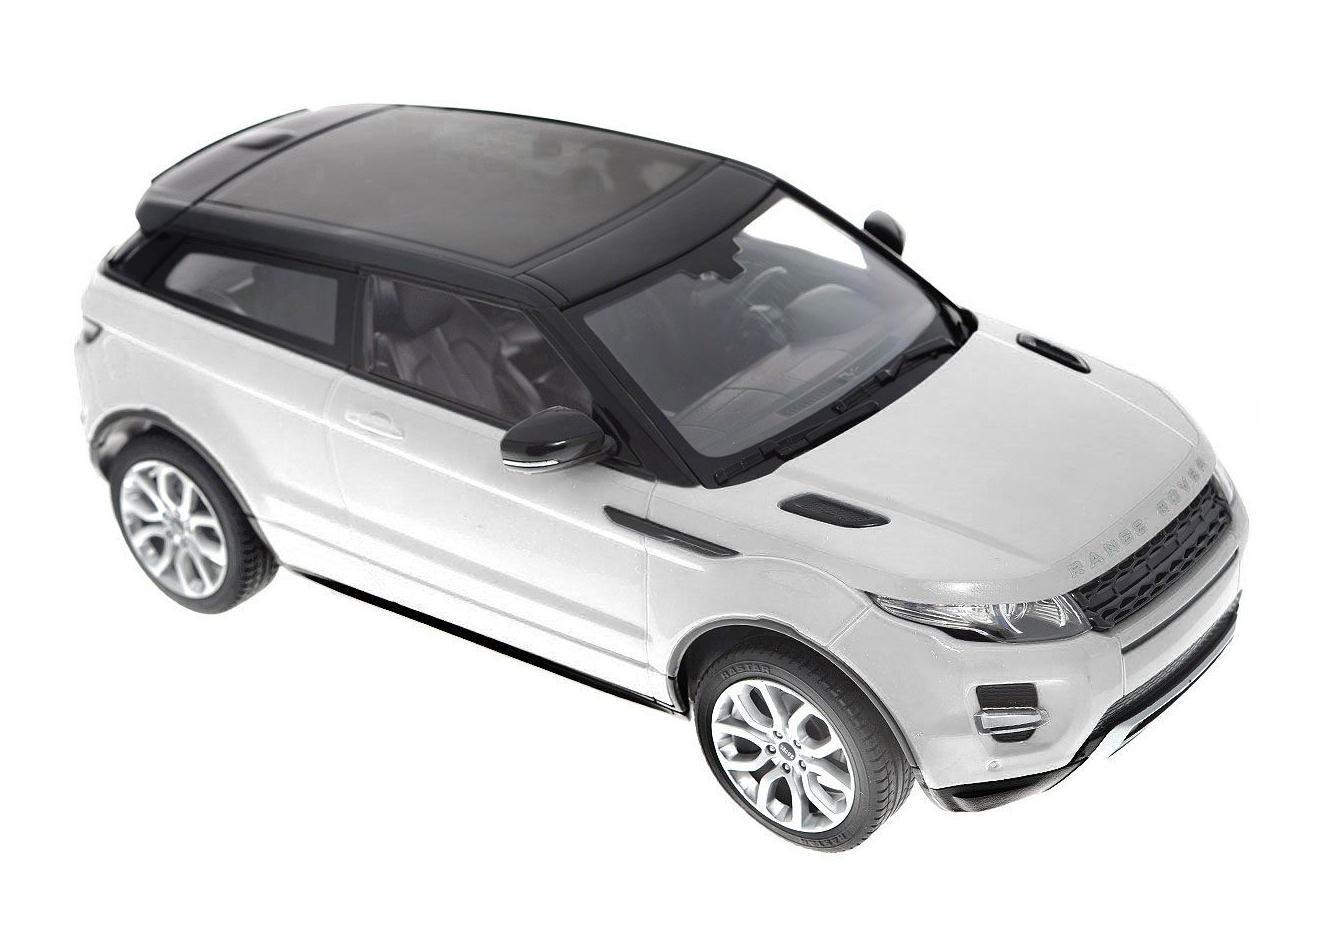 Rastar Радиоуправляемая модель Range Rover Evoque цвет белый rastar радиоуправляемая модель range rover sport цвет серебристый масштаб 1 14